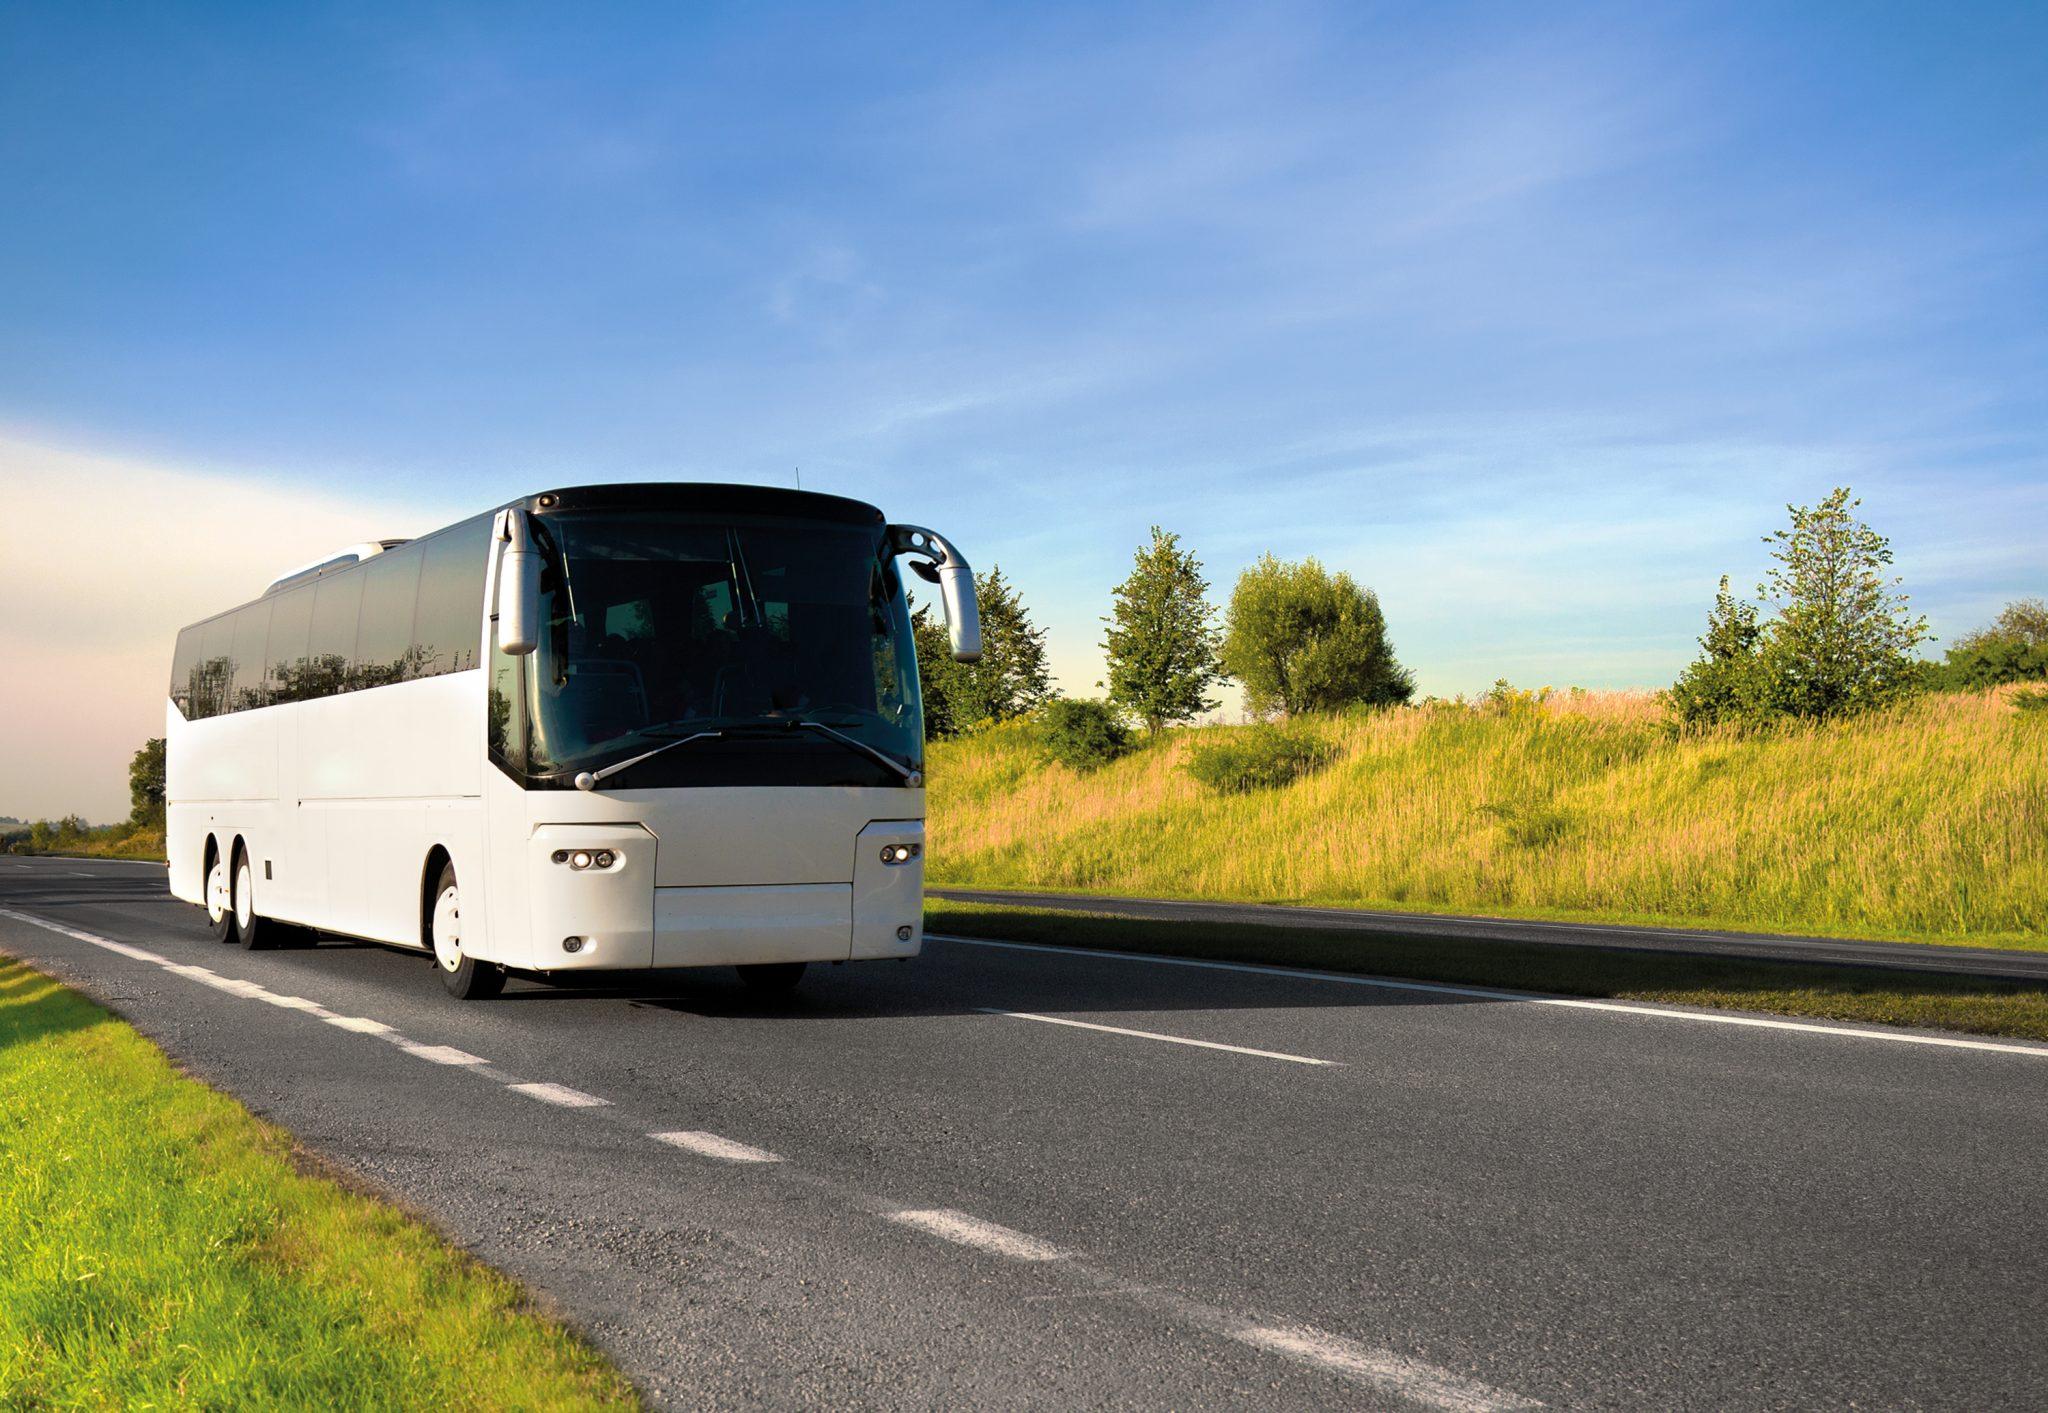 Patru autobuze de la Bălți, cu bugetari, vin spre Chișinău